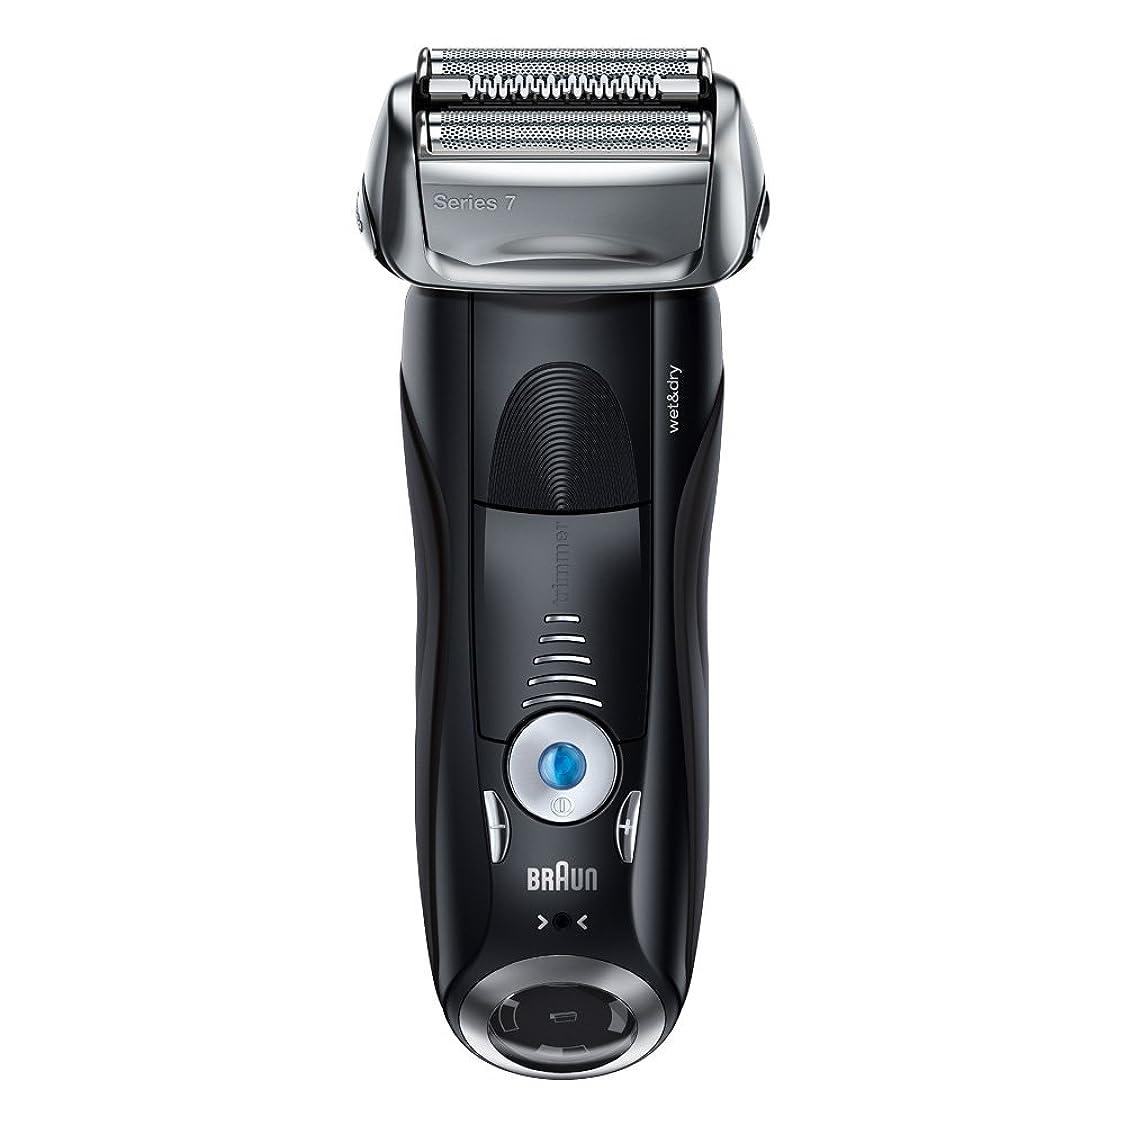 余剰哲学スカーフブラウン メンズ電気シェーバー シリーズ7 7842s 4カットシステム 水洗い/お風呂剃り可